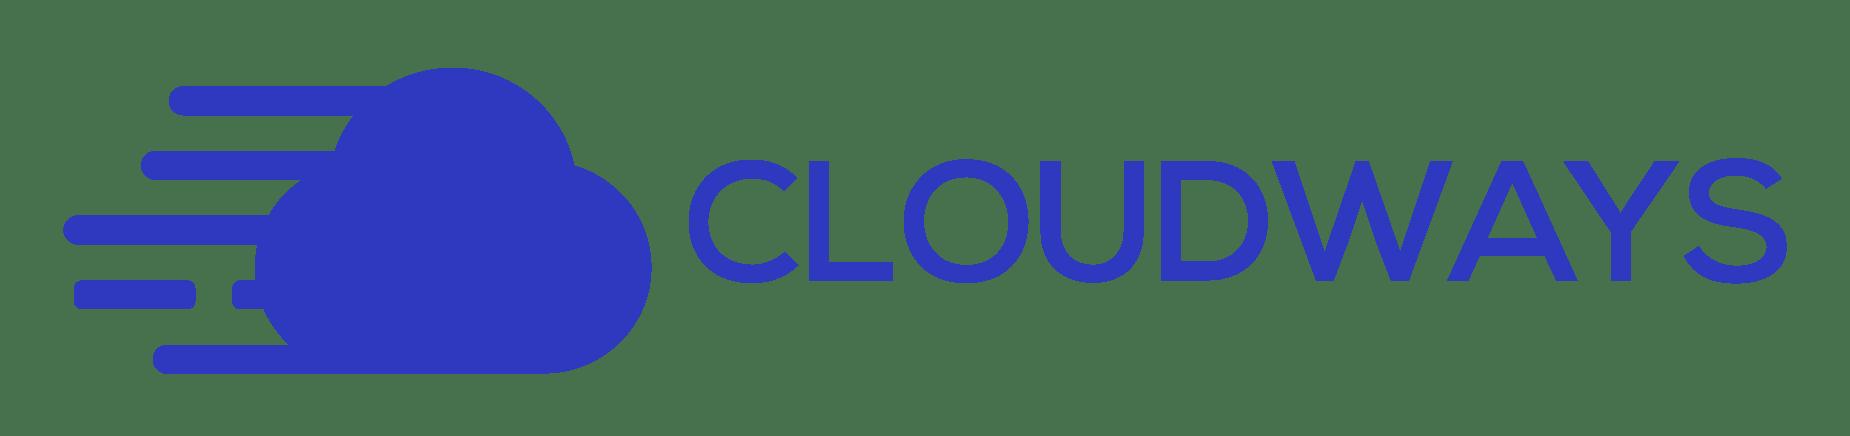 Cloudways Logo WPism coupon